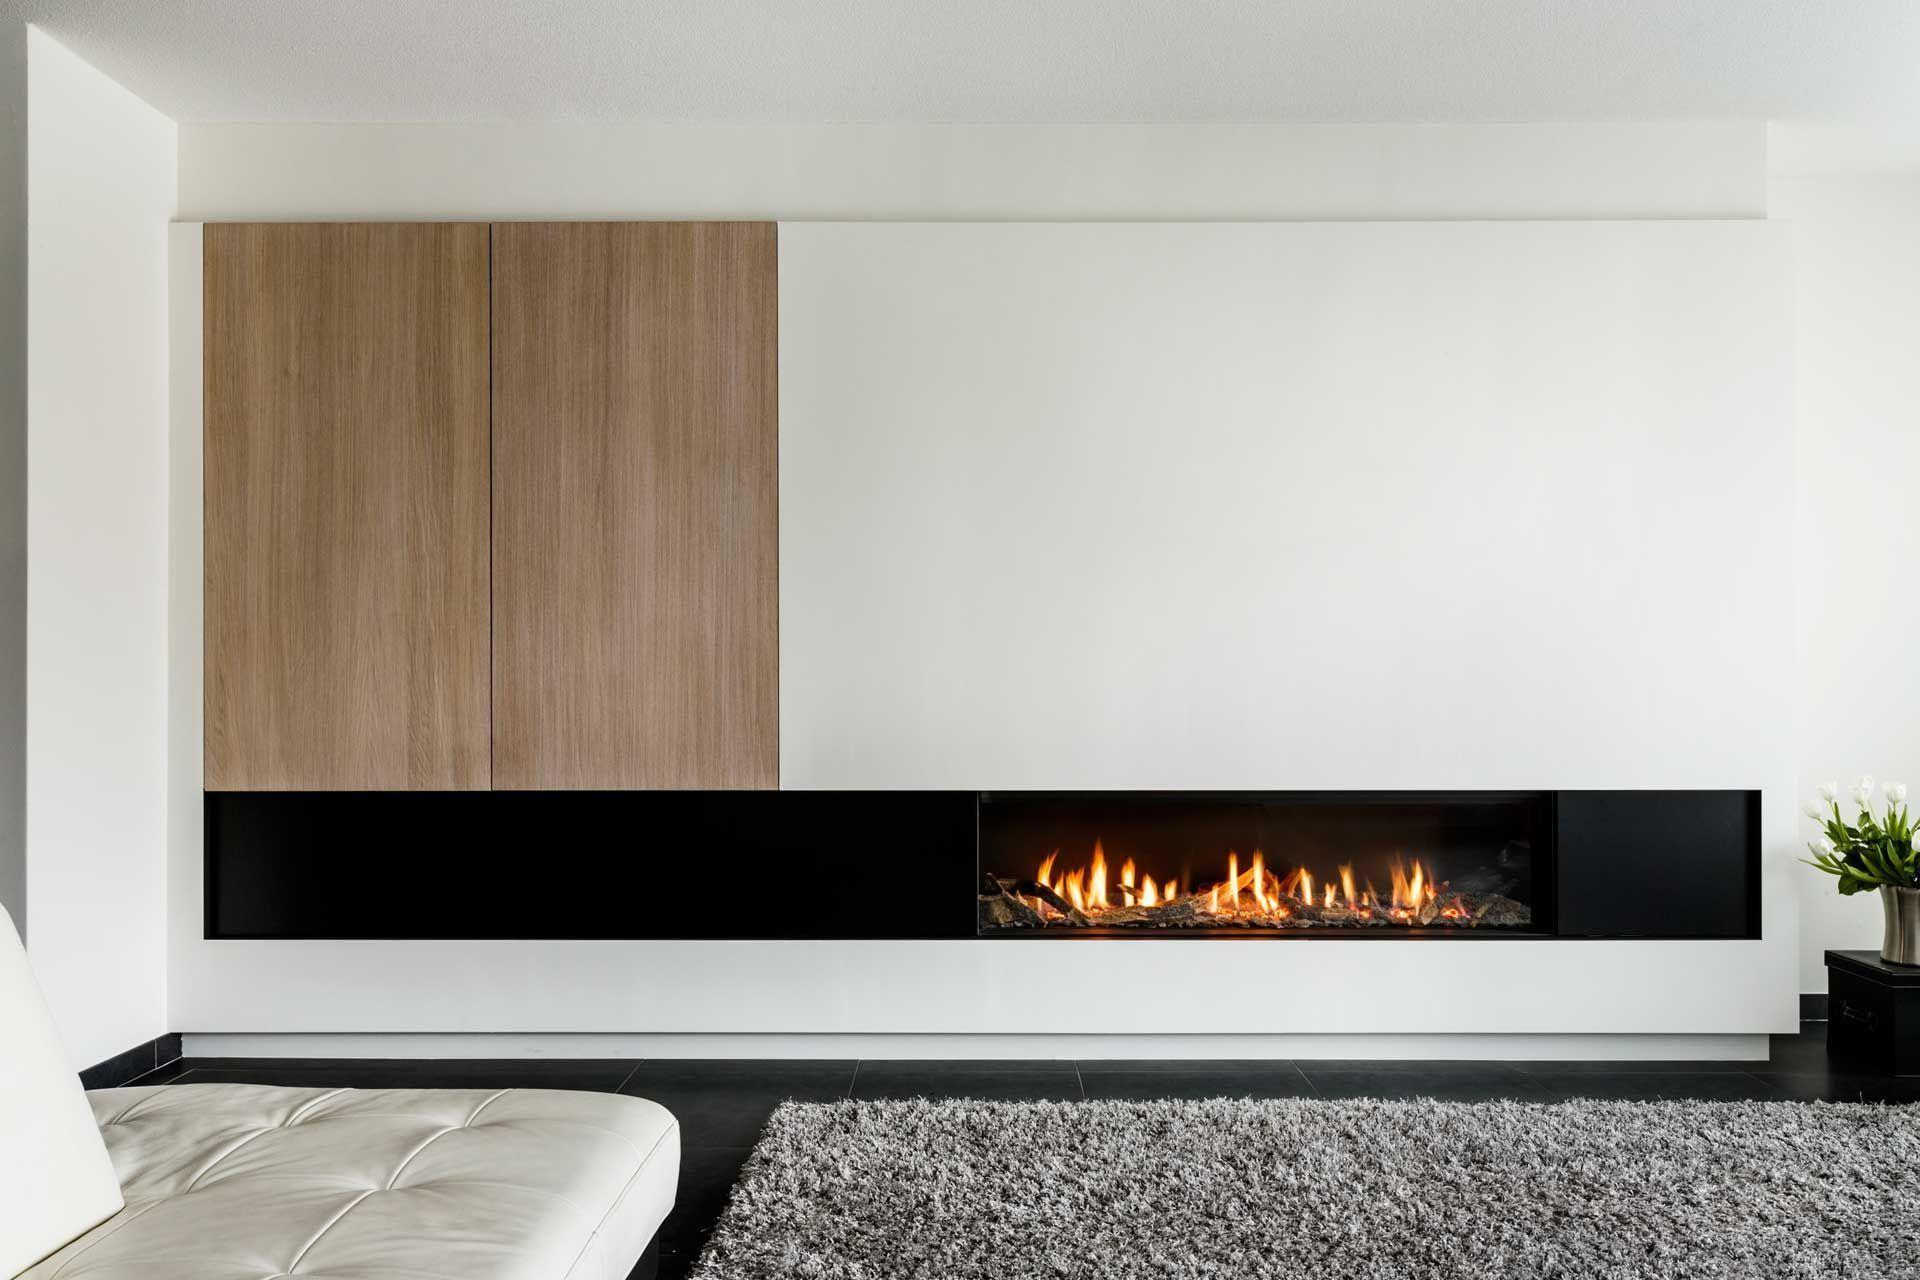 meuble tv avec cheminee ethanol